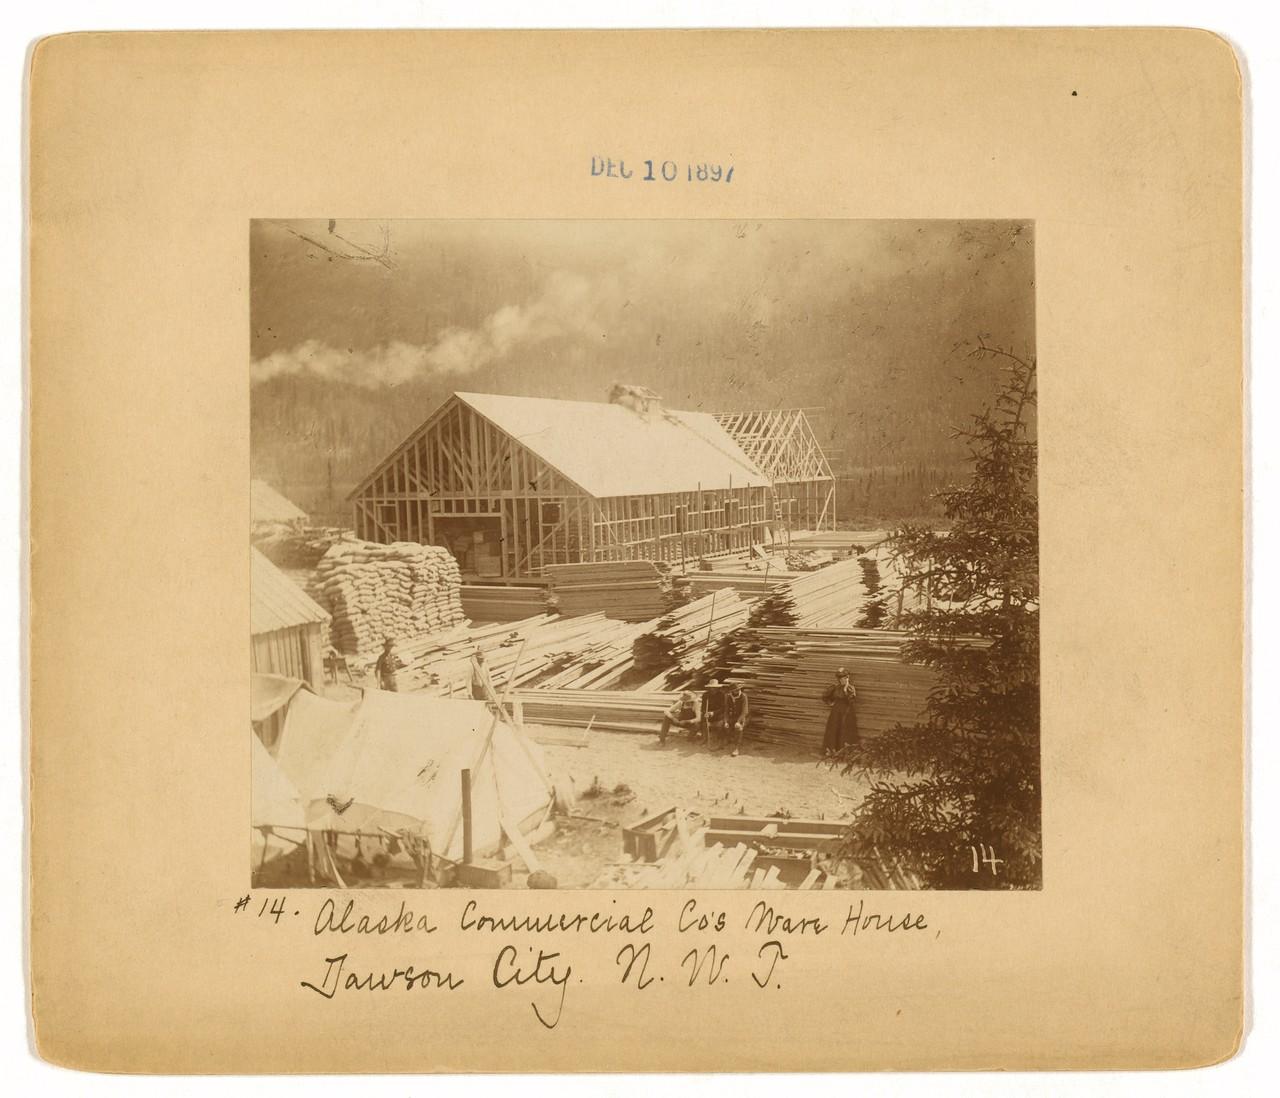 08694uТорговый дом Аляска.jpg